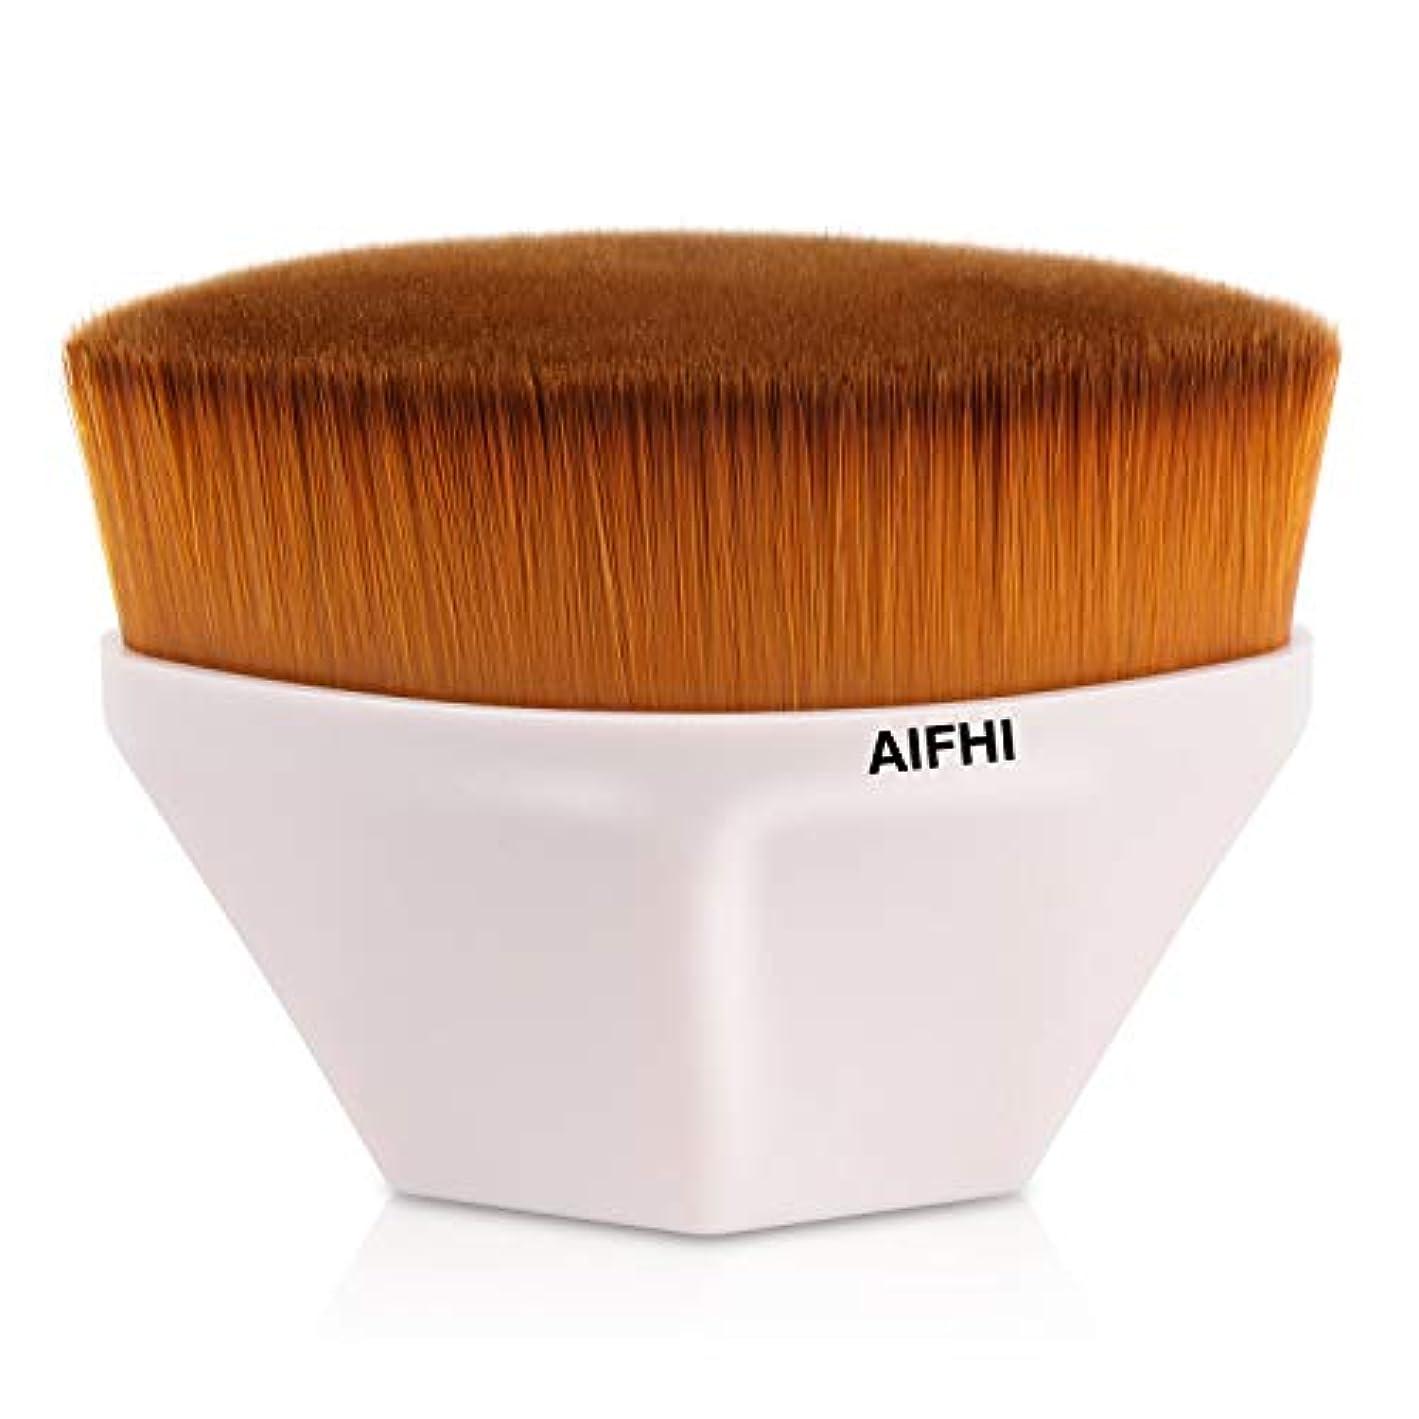 トランペットライトニングセンターAIFHI メイクアップブラシ 粧ブラシ 化粧筆 ファンデーションブラシ 肌に優しい 携帯便利 高級のタクロンを使用 (ライトピンク)